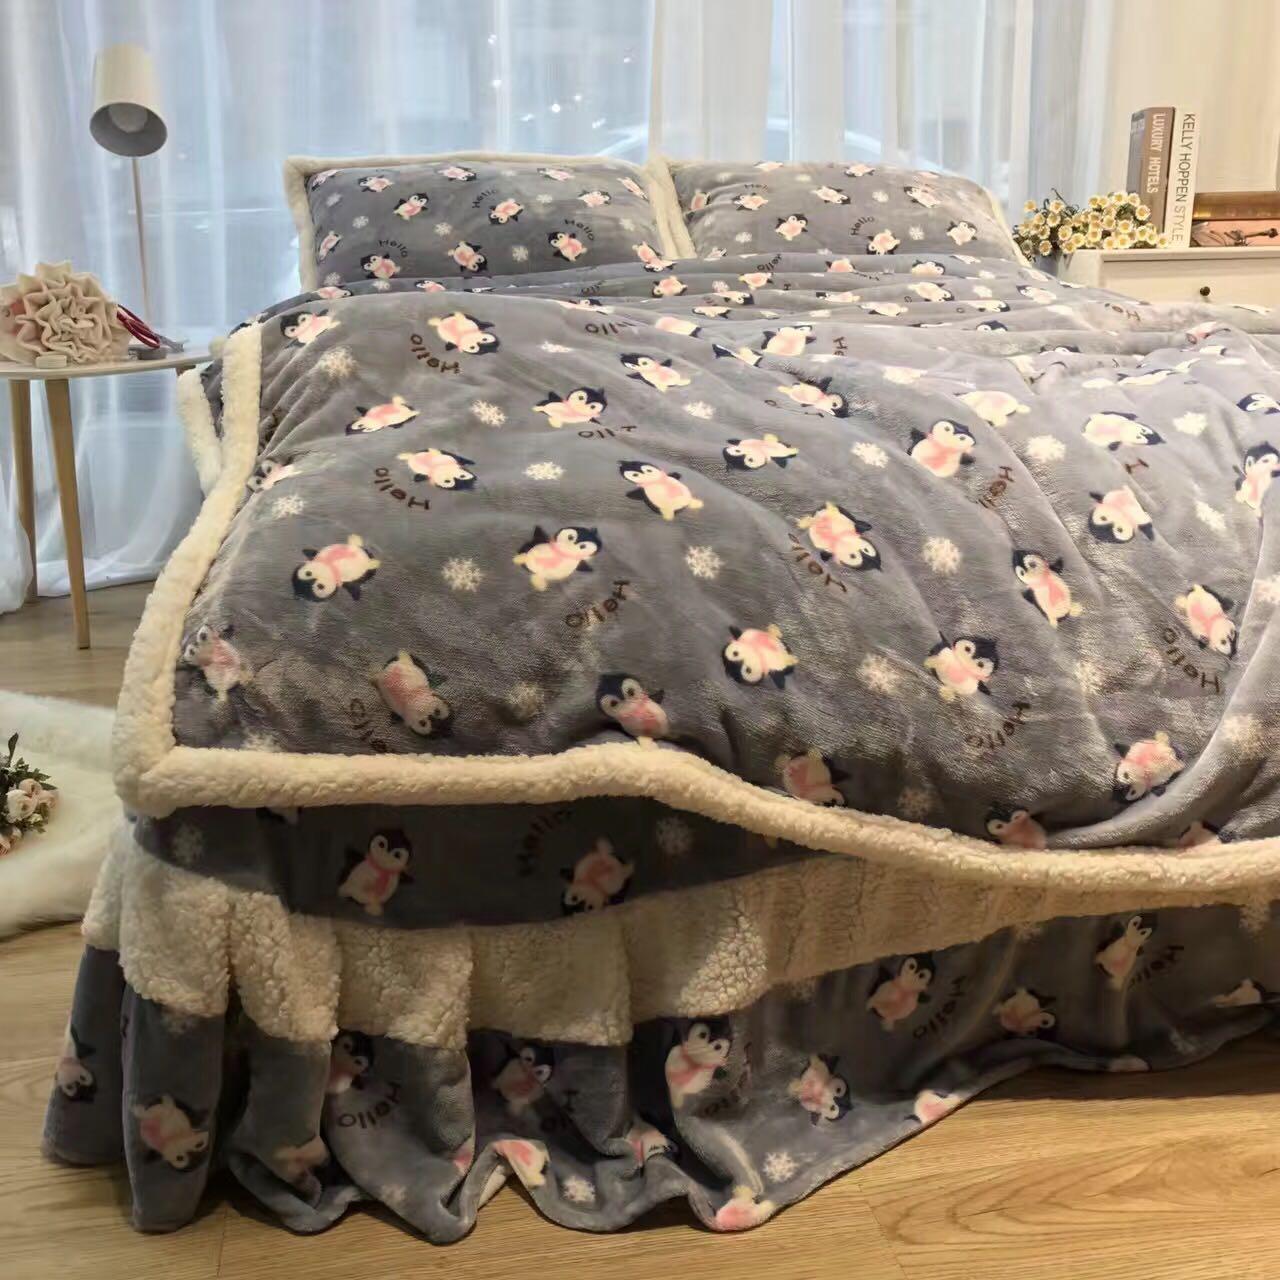 加厚保暖金貂绒韩版床单款羊羔绒珊瑚绒四件套双面法莱绒床上用品-十年一件事